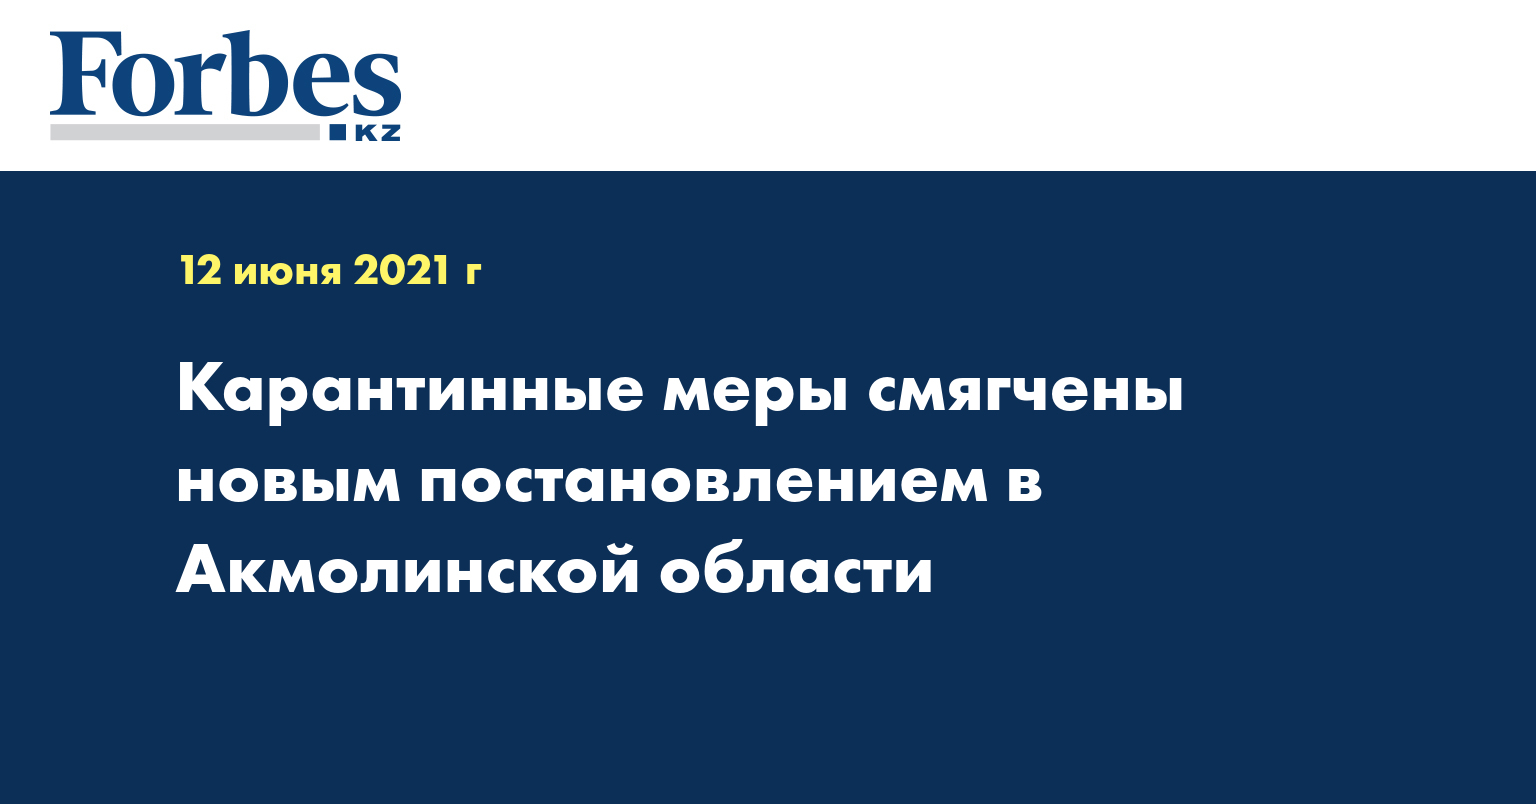 Карантинные меры смягчены новым постановлением в Акмолинской области